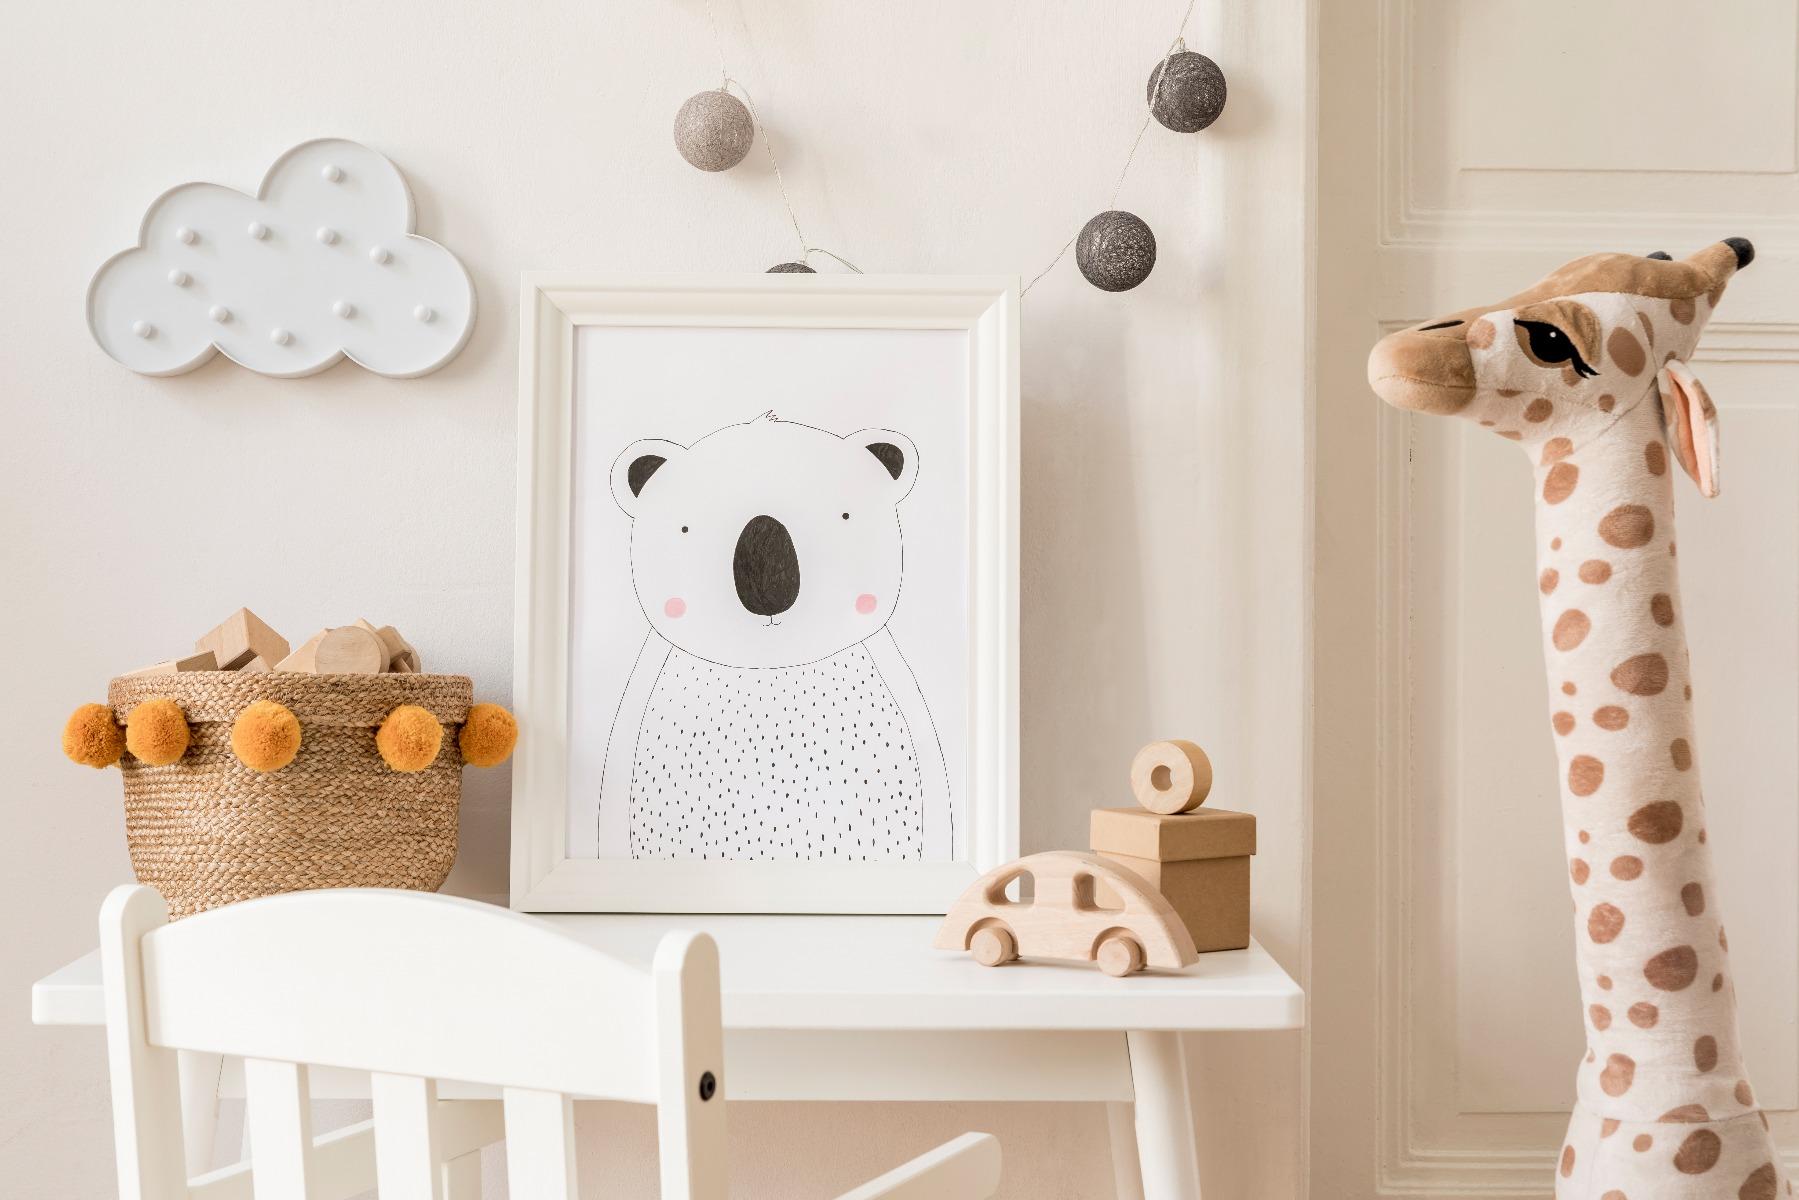 Das Bild zeigt Kinderzimmer Dekoration.